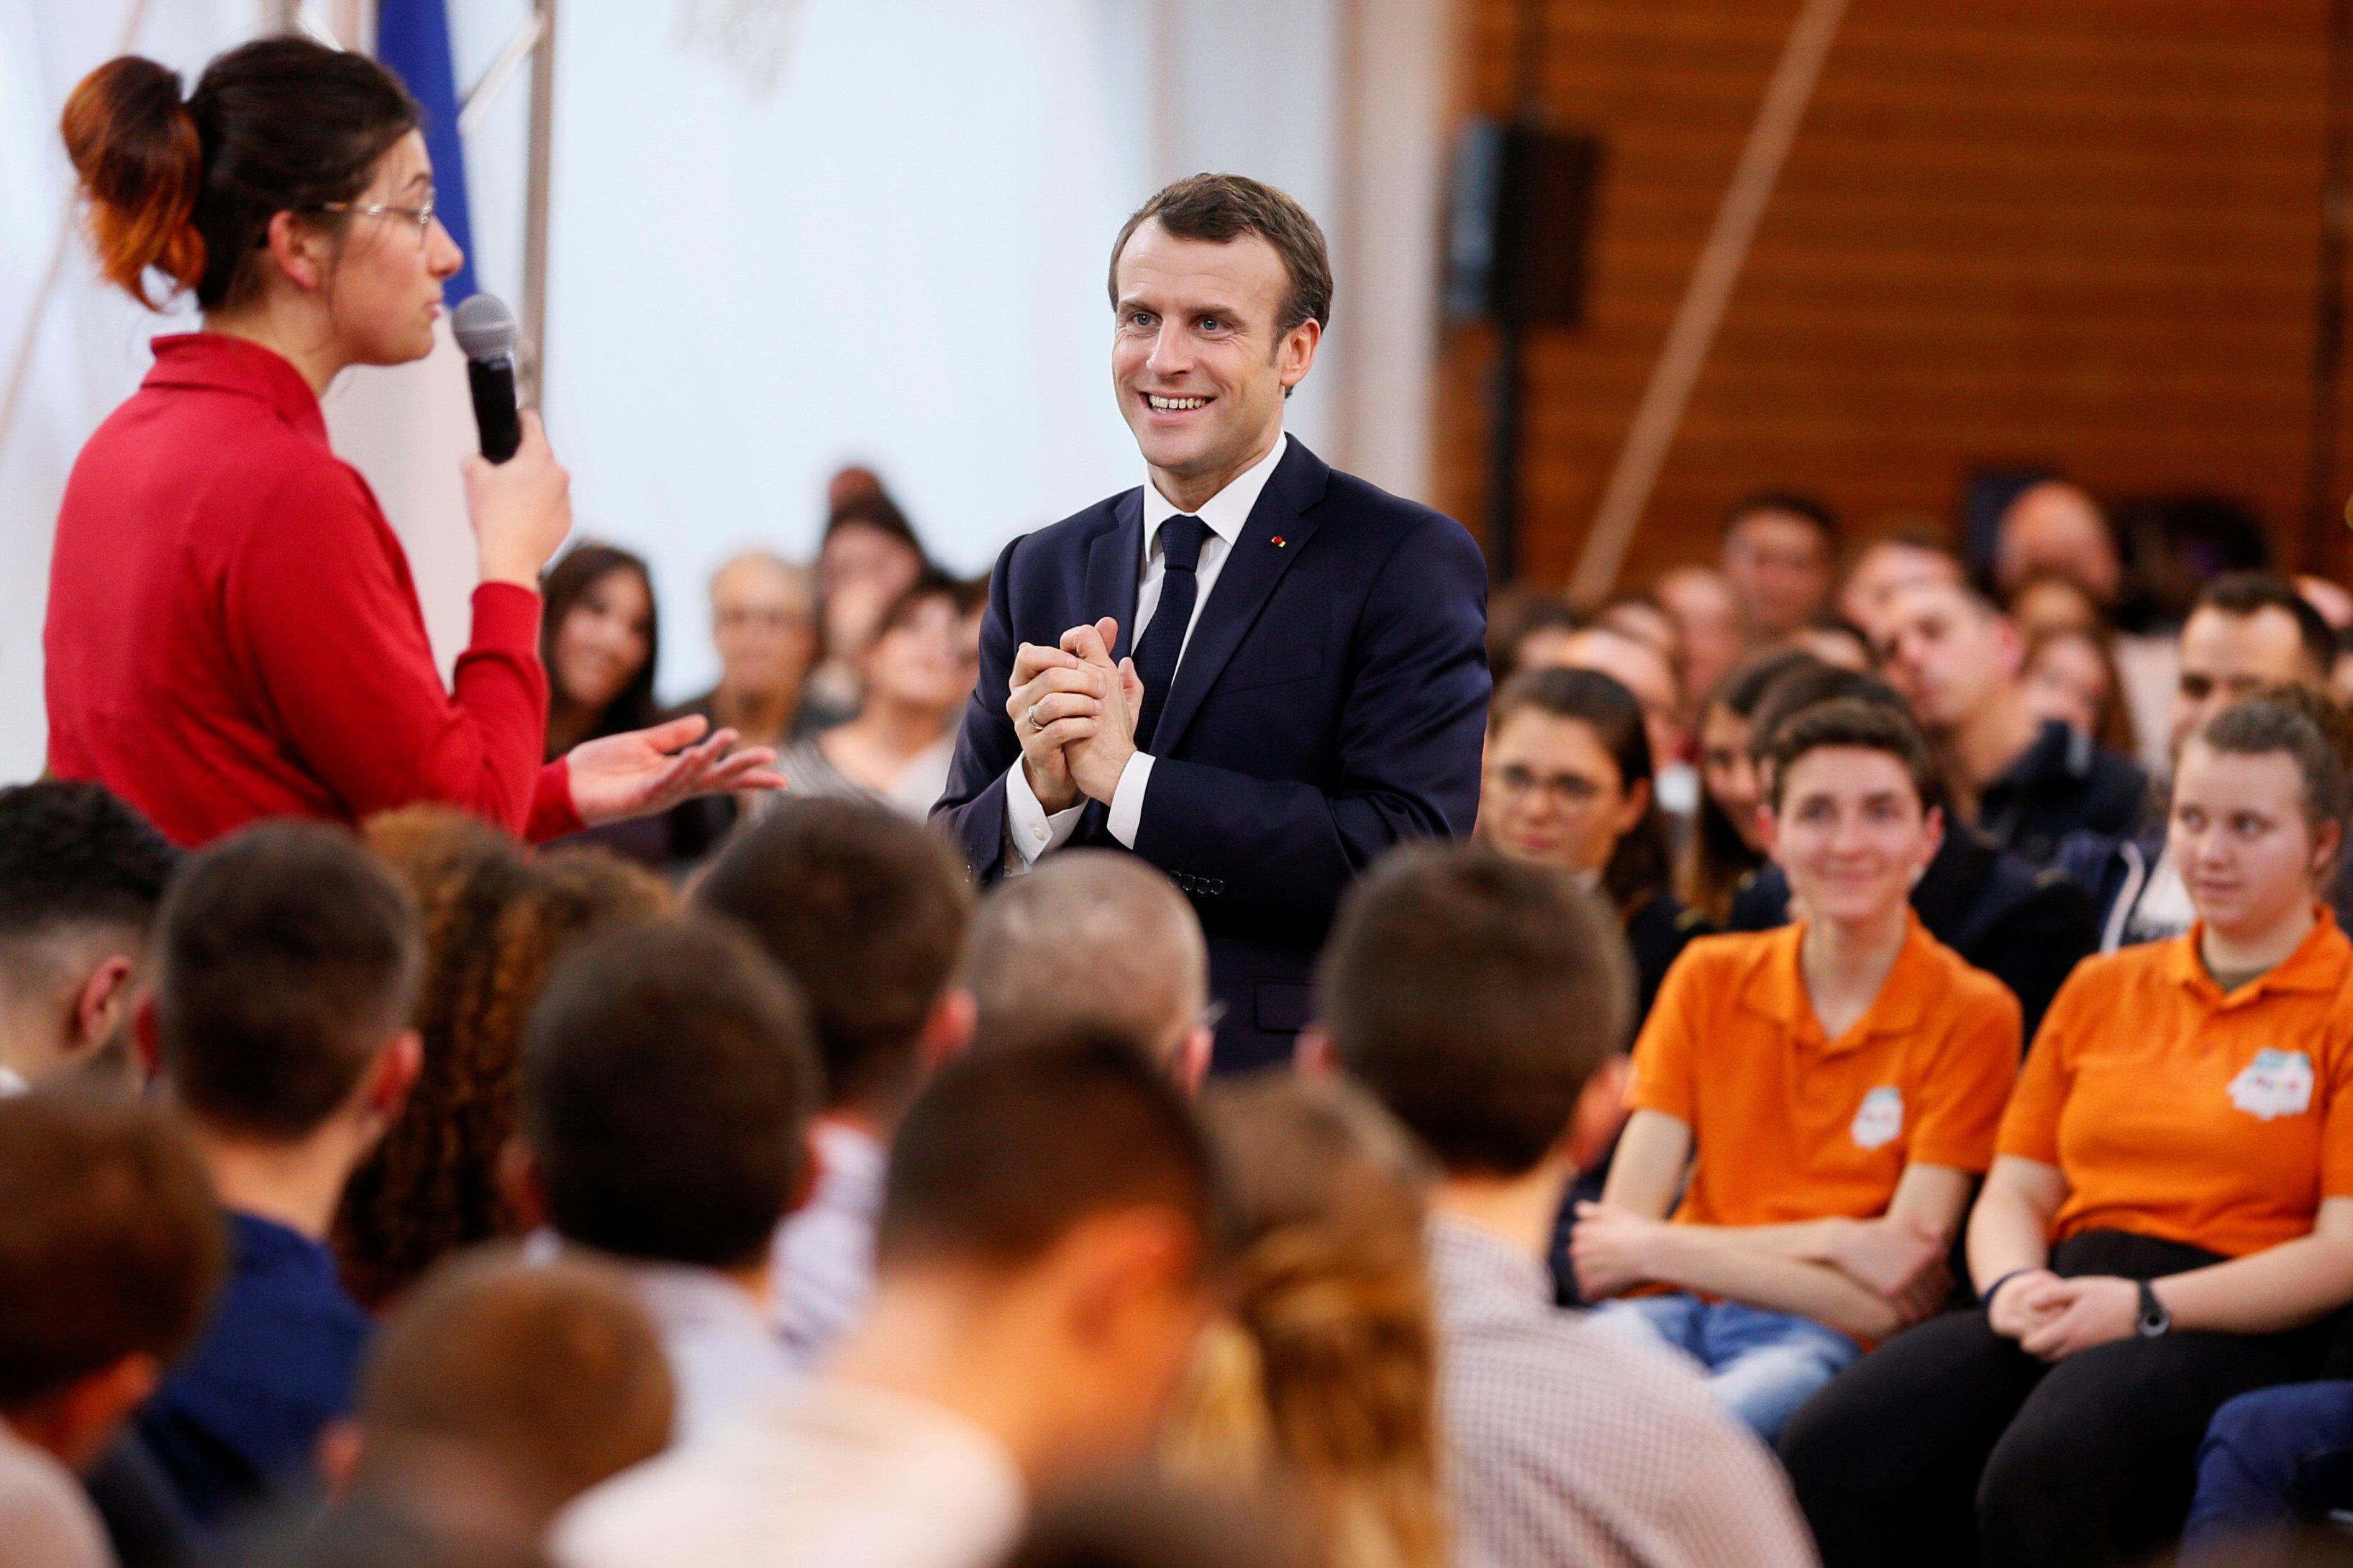 شابه فرنسية تتحدث إلى الرئيس